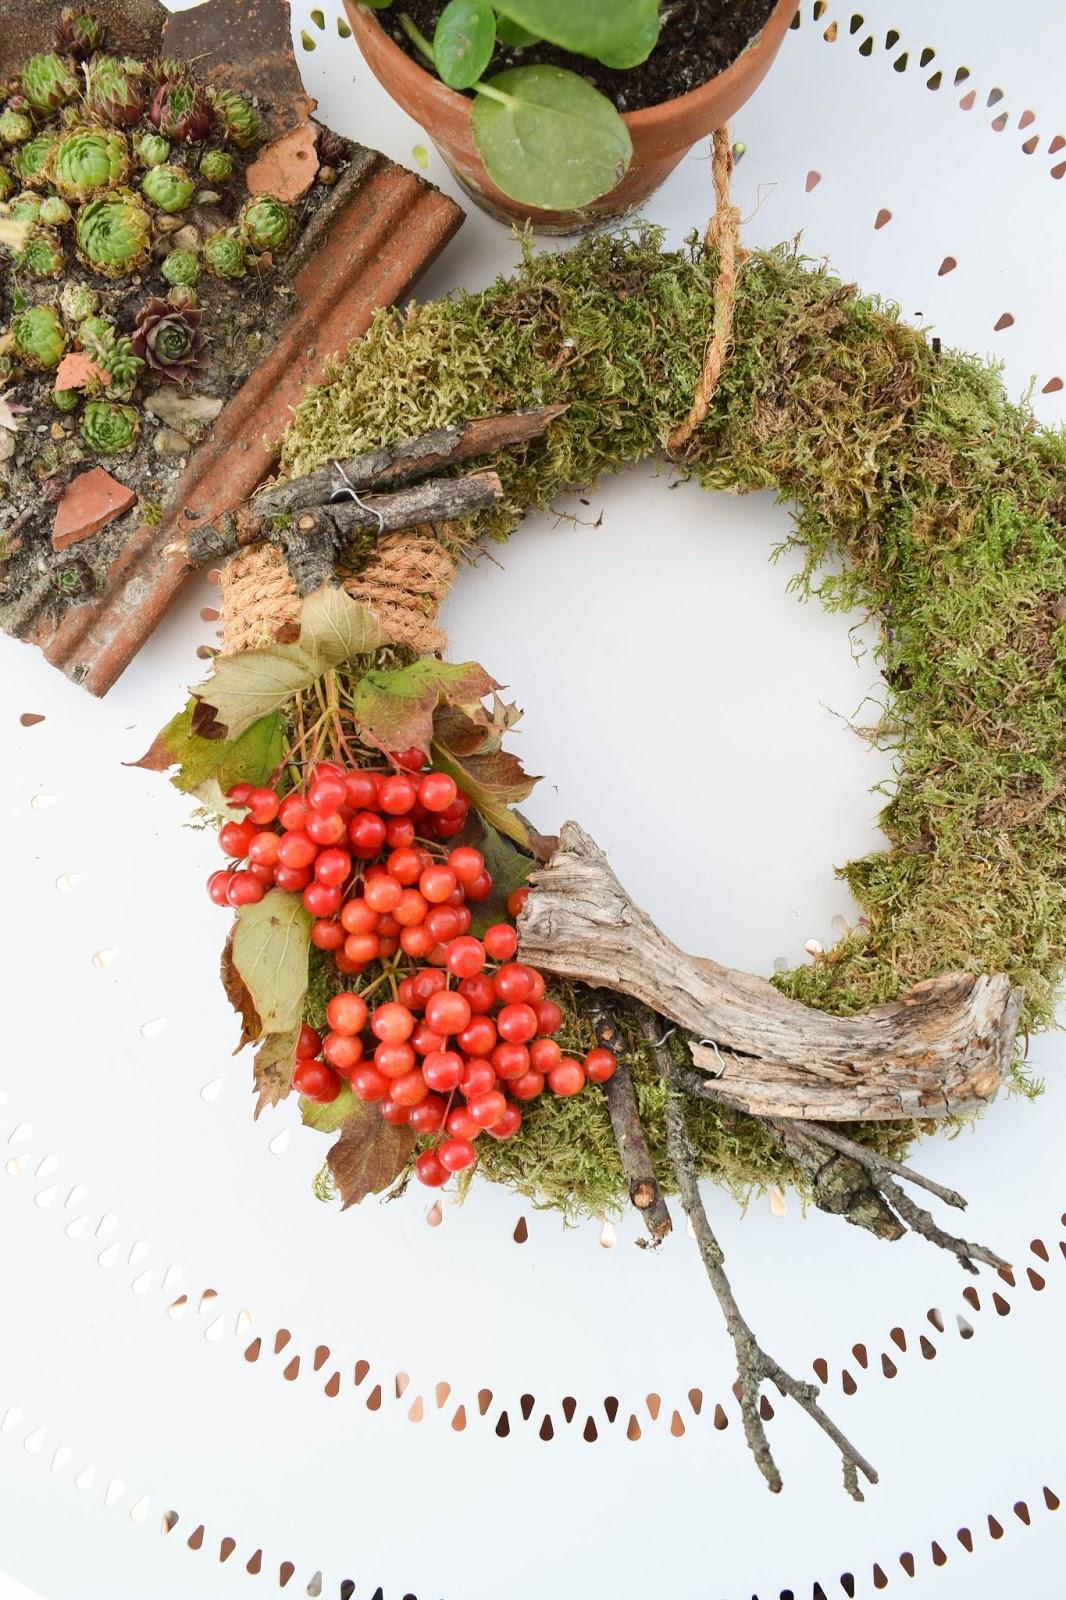 DIY Mooskranz einfach selber machen mit Moos Beeren Holz und Sisal. Naturdeko Anleitung zum Kranz binden. Dekorieren mit Natur. deko herbst herbstdeko